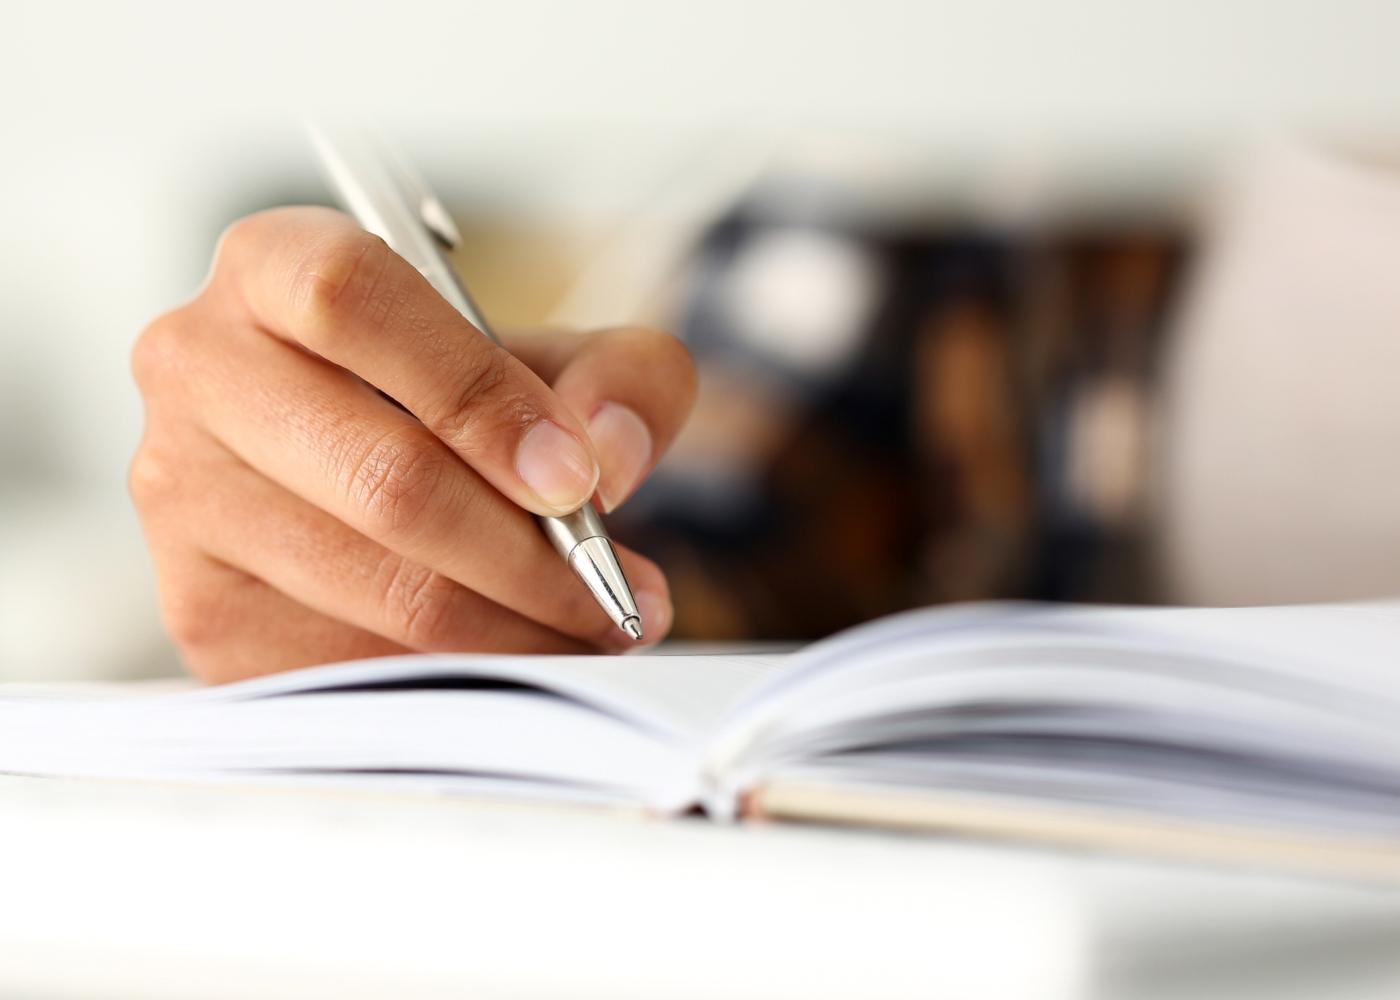 Como lidar com o stress durante o isolamento social: mulher a escrever no diário